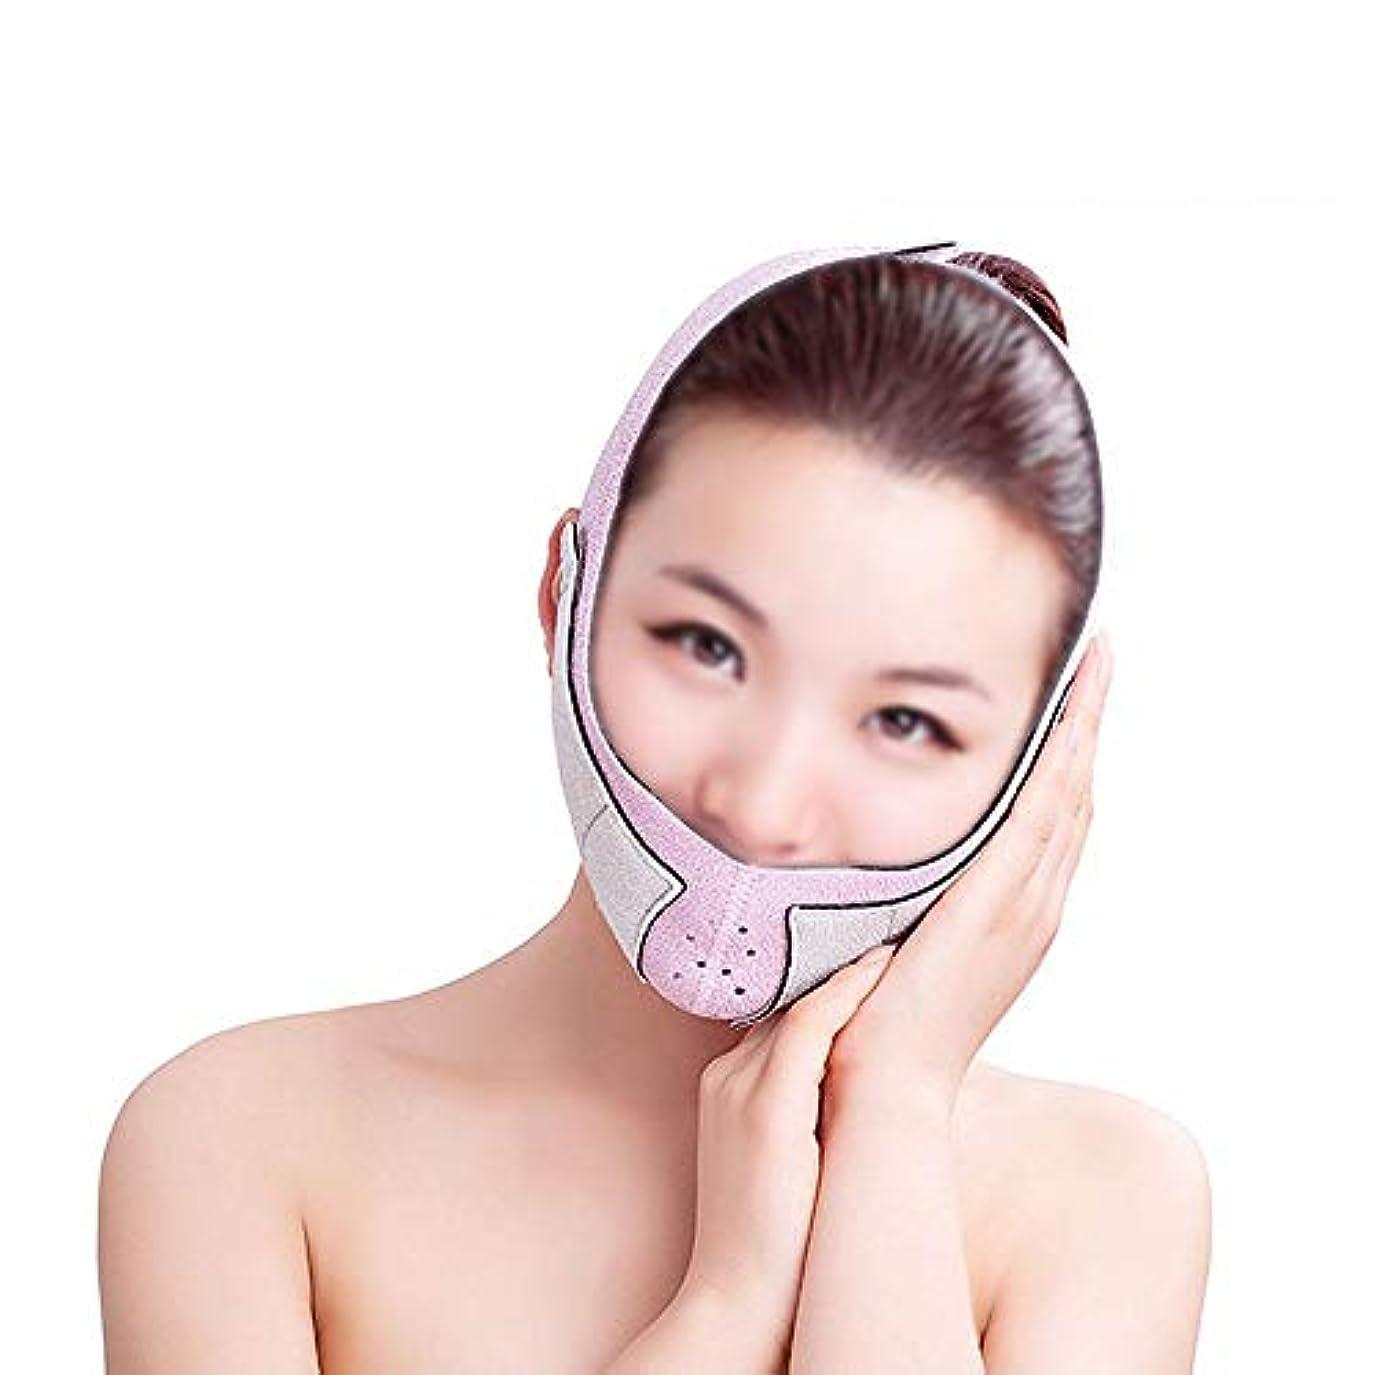 みなさんひねり楽観XHLMRMJ フェイスリフトマスク、痩身ベルト薄いフェイスマスク強力な持ち上げ小さなV顔薄い顔包帯美容フェイスリフティングデバイス